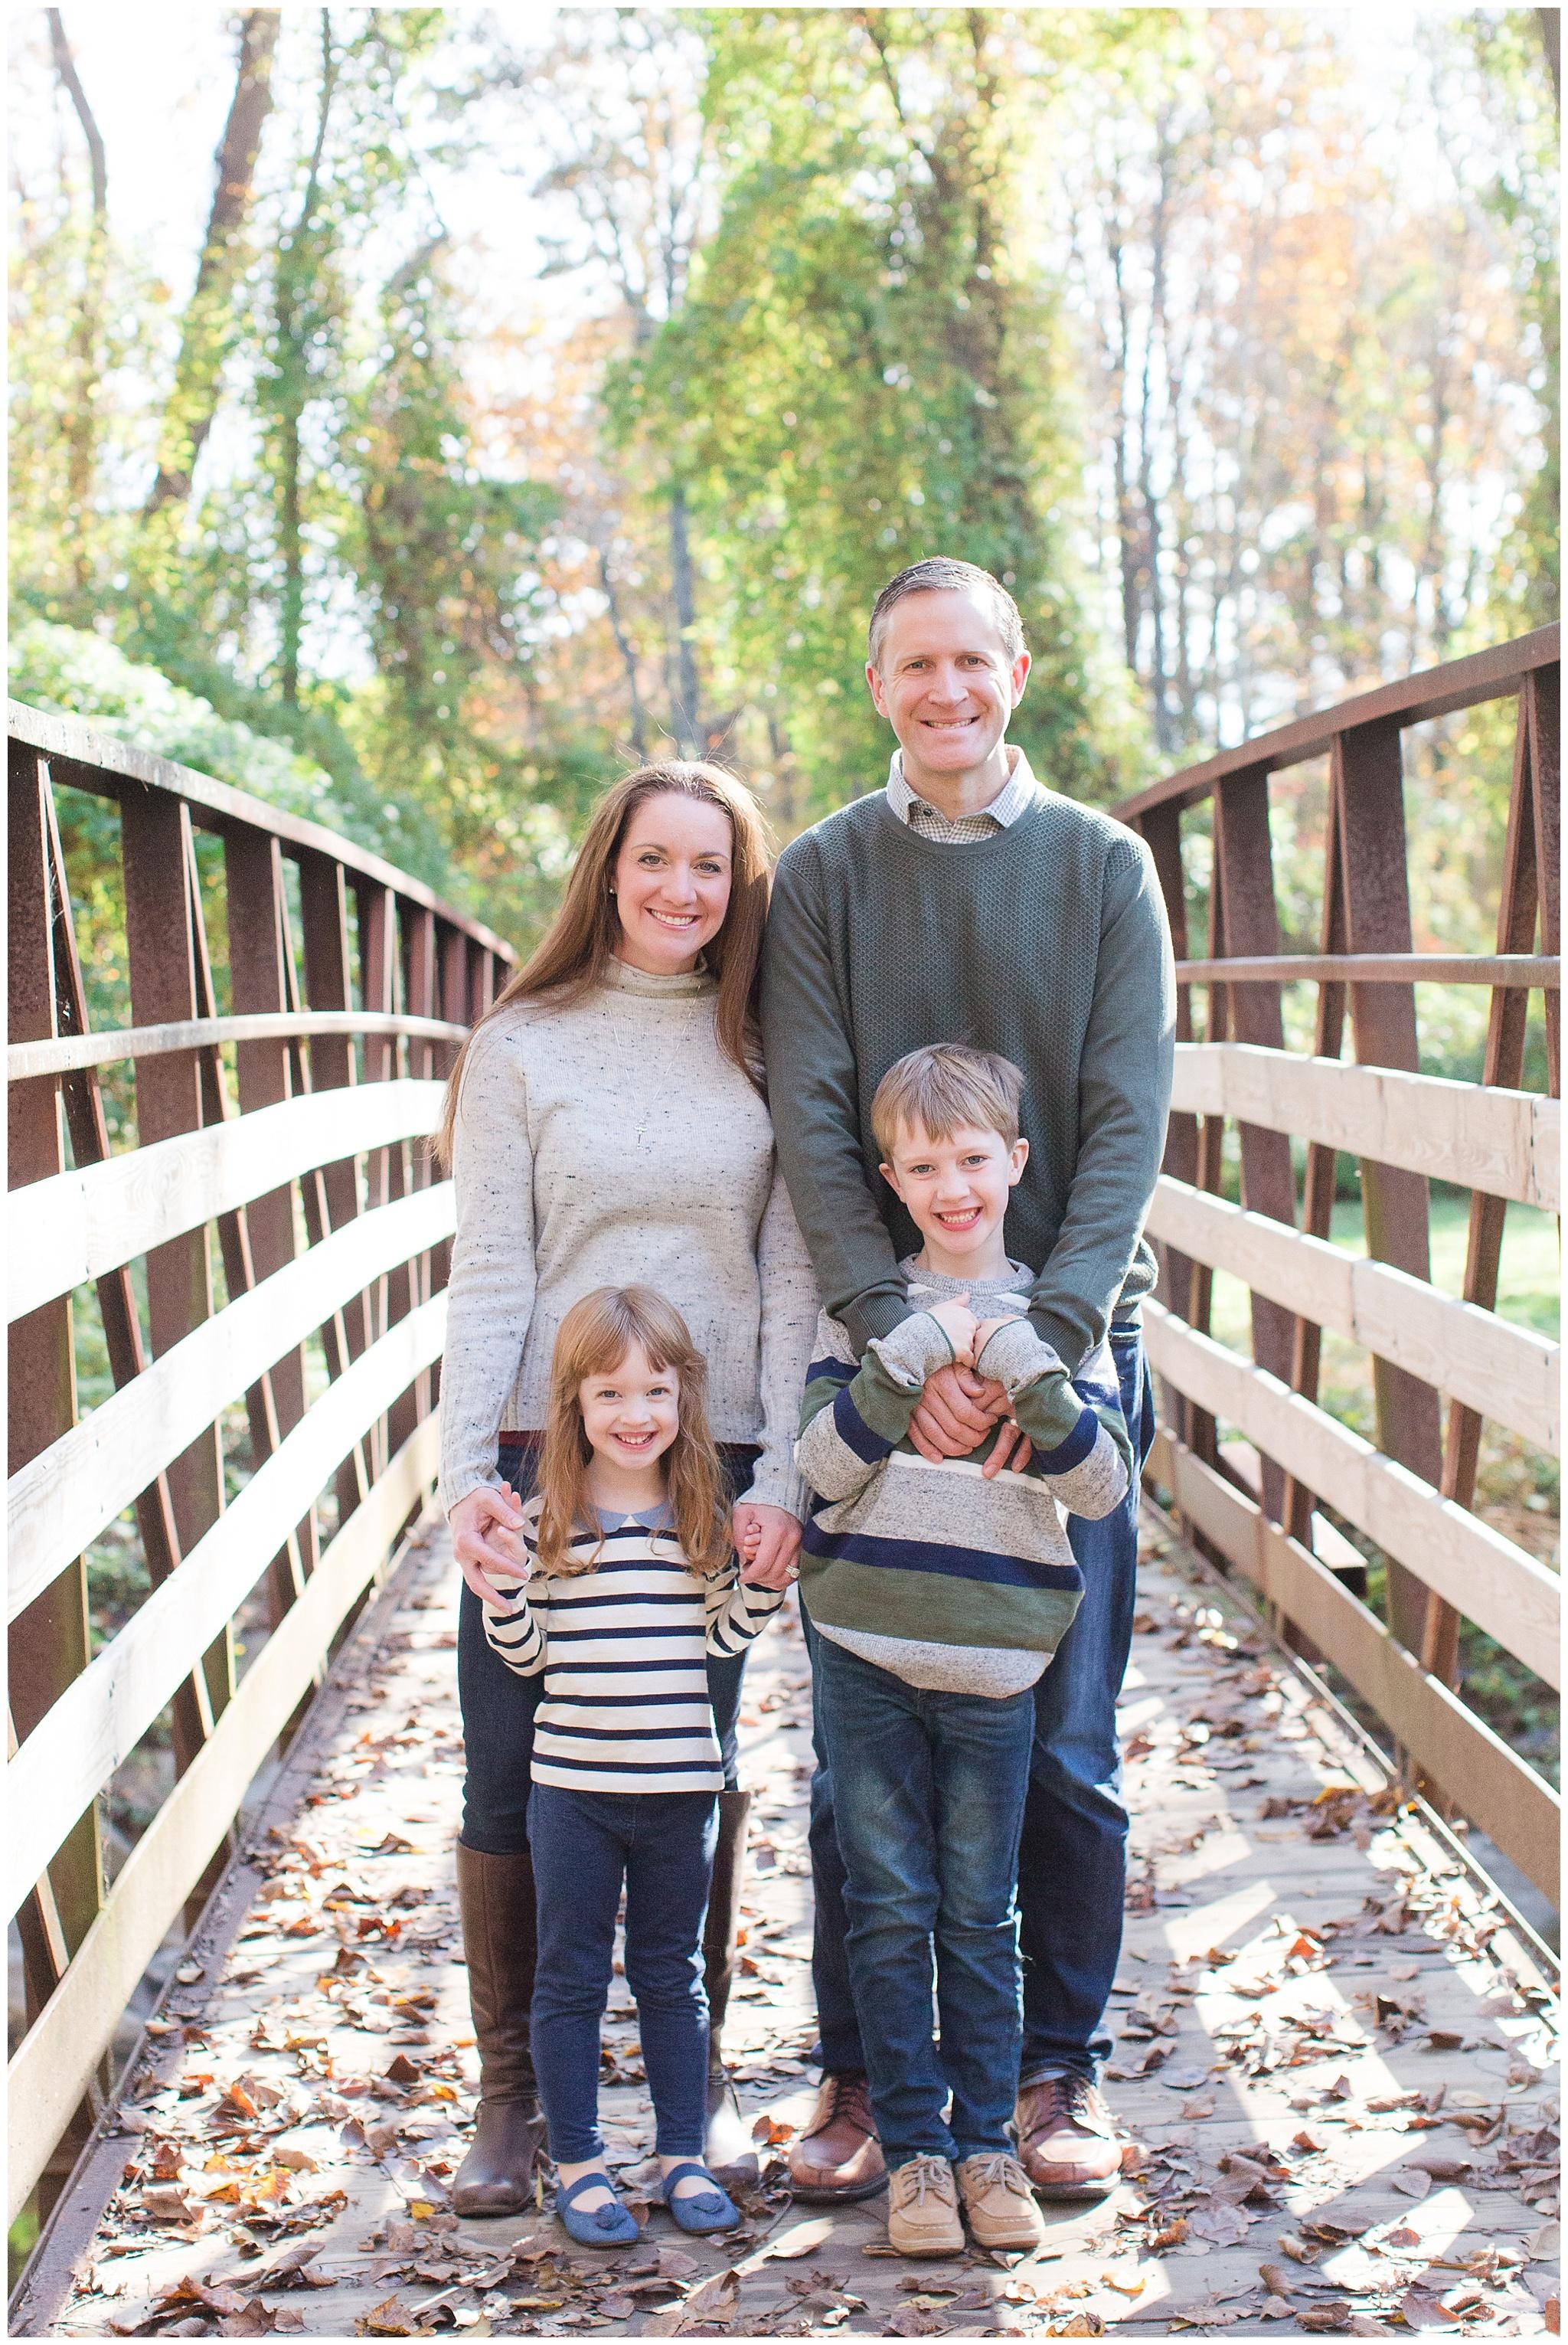 Holleran_familyphotos_0013.jpg